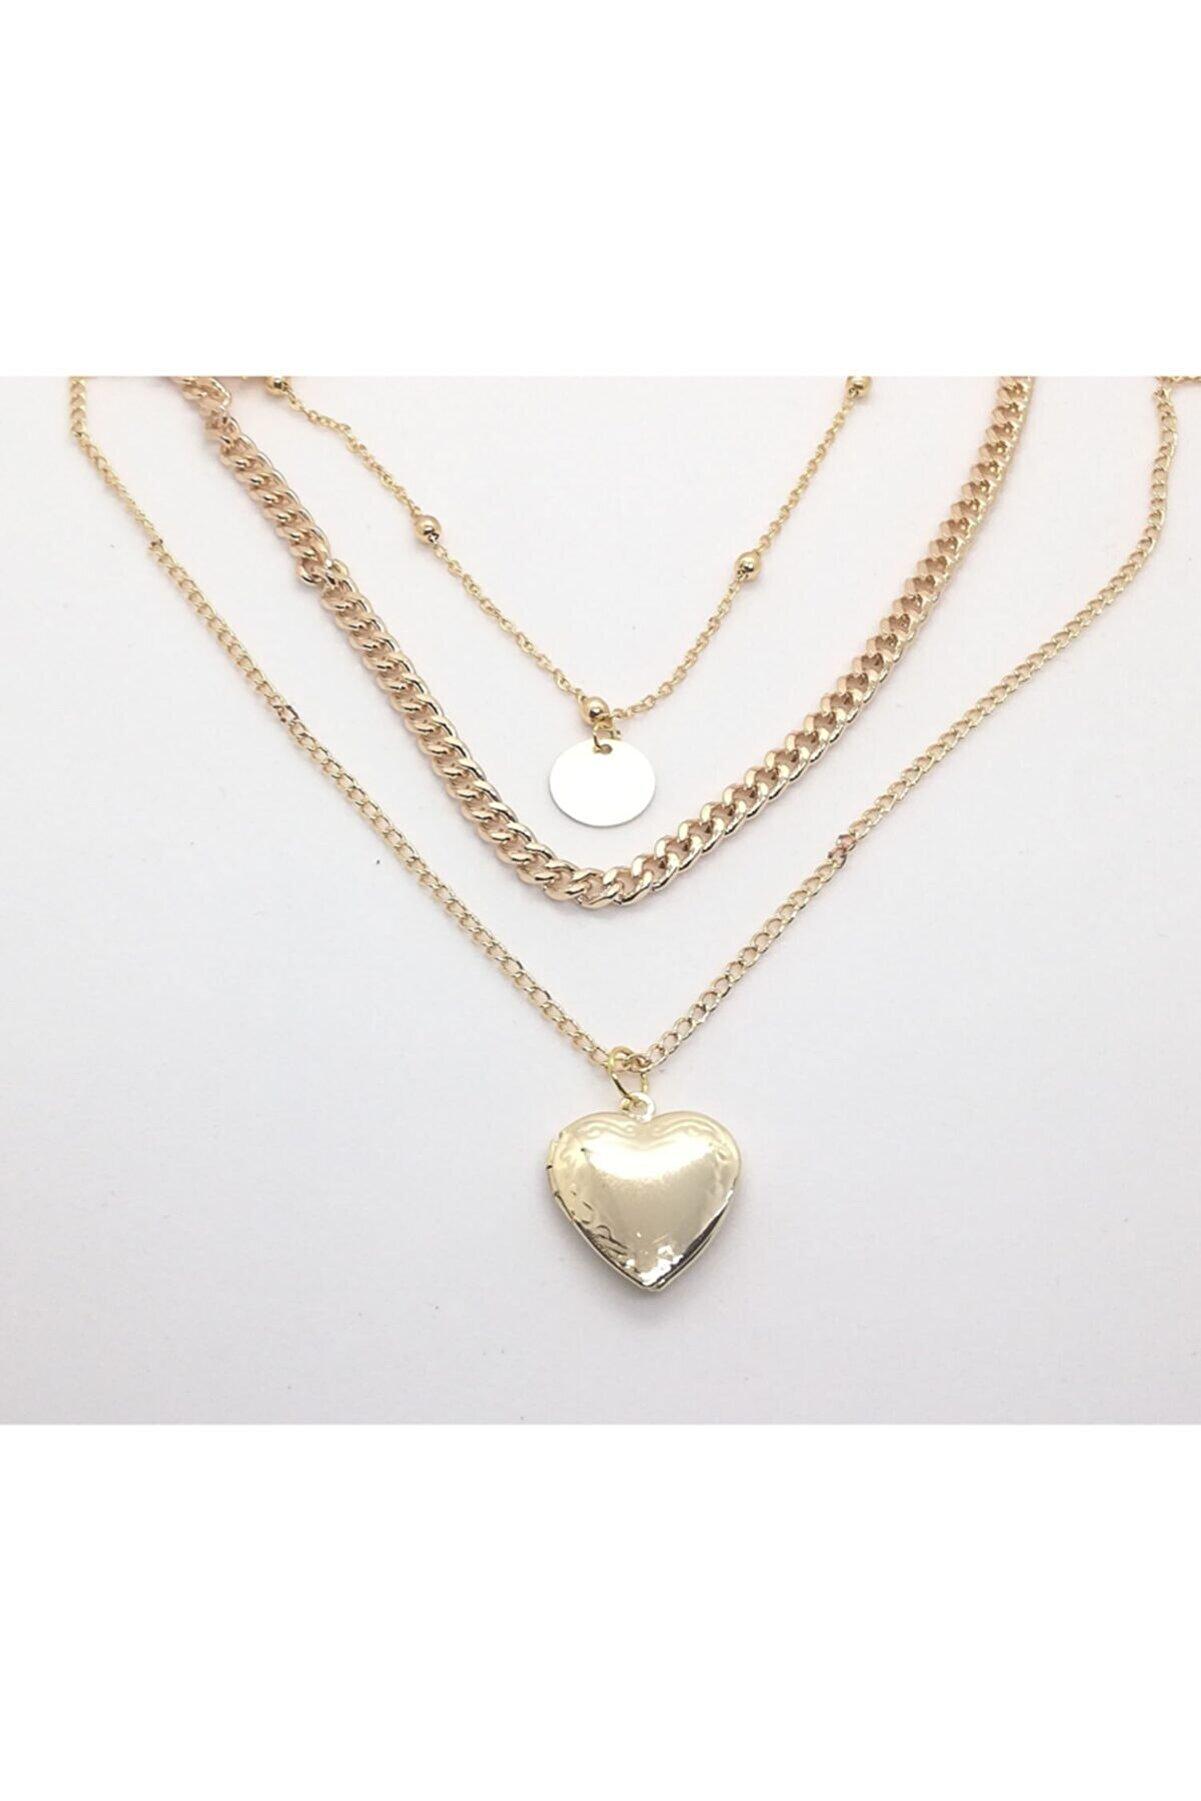 X-Lady Accessories Kadın Altın Sarısı Kalp Kapaklı Üçlü Kolye